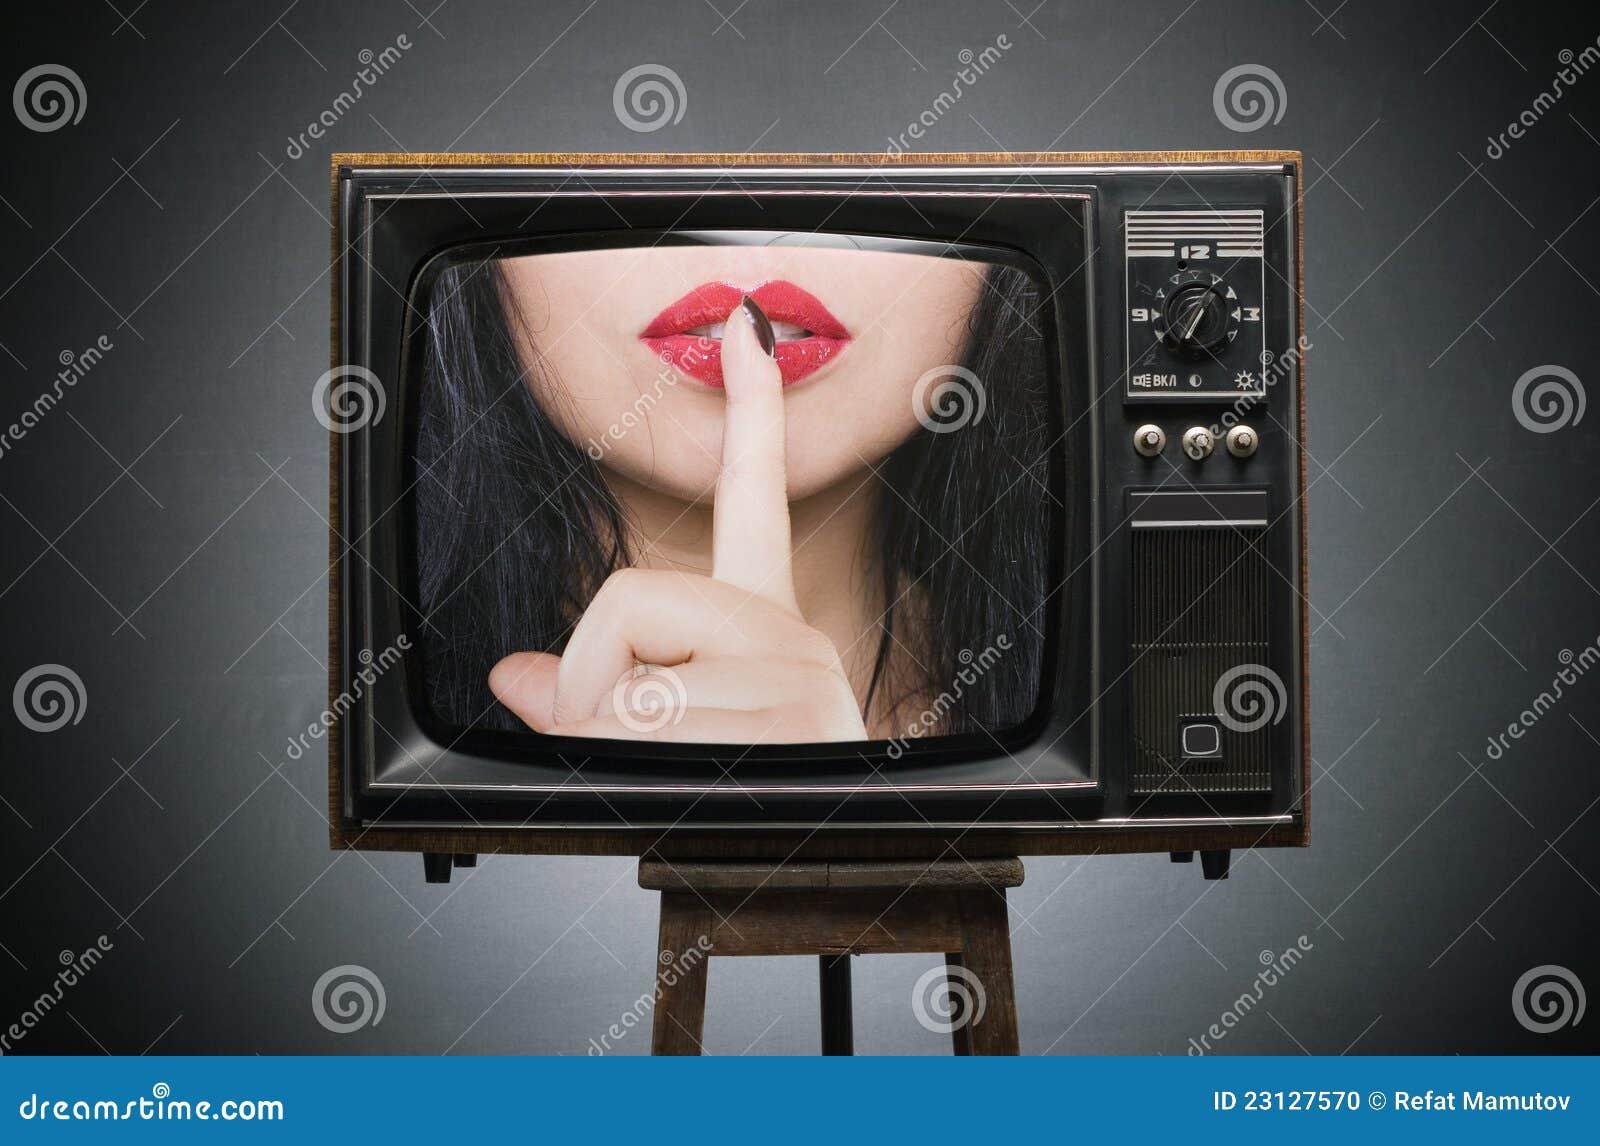 Онлайн ТВ телевидение смотреть онлайн в прямом эфире